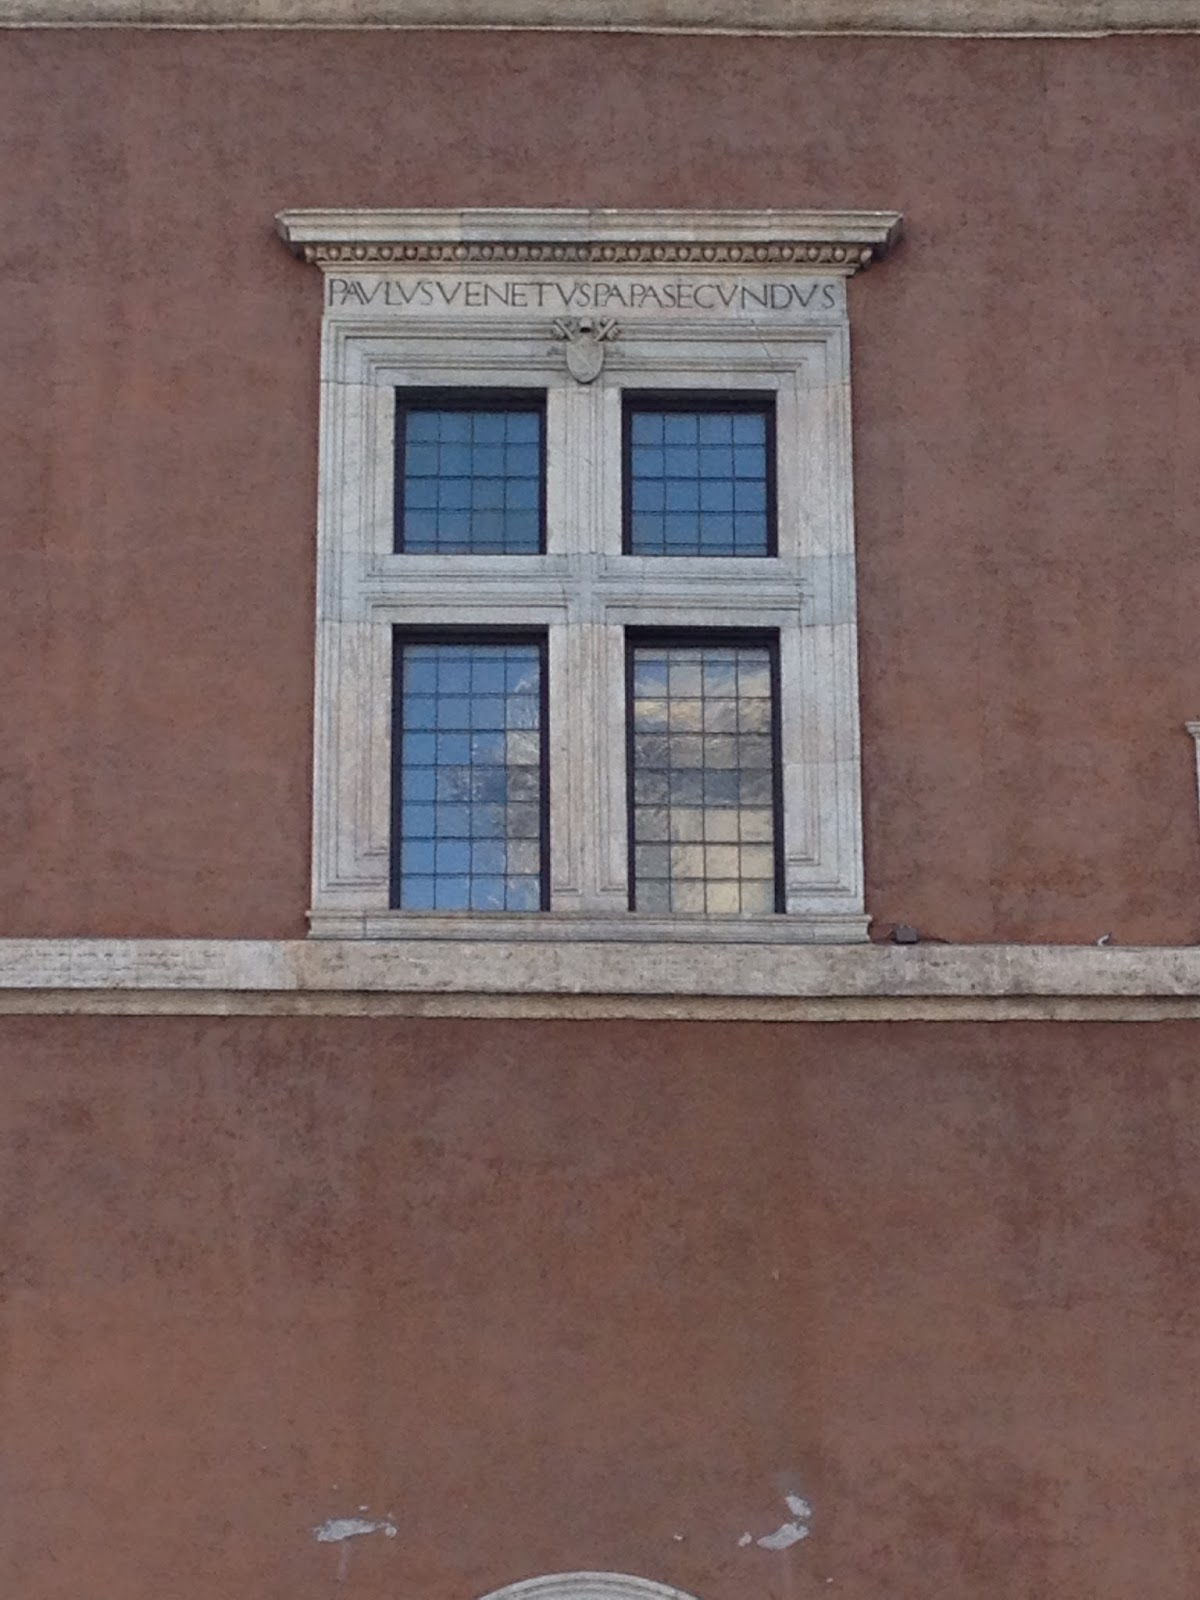 In bici per roma le pi belle finestre di roma10 - Le finestre roma ...